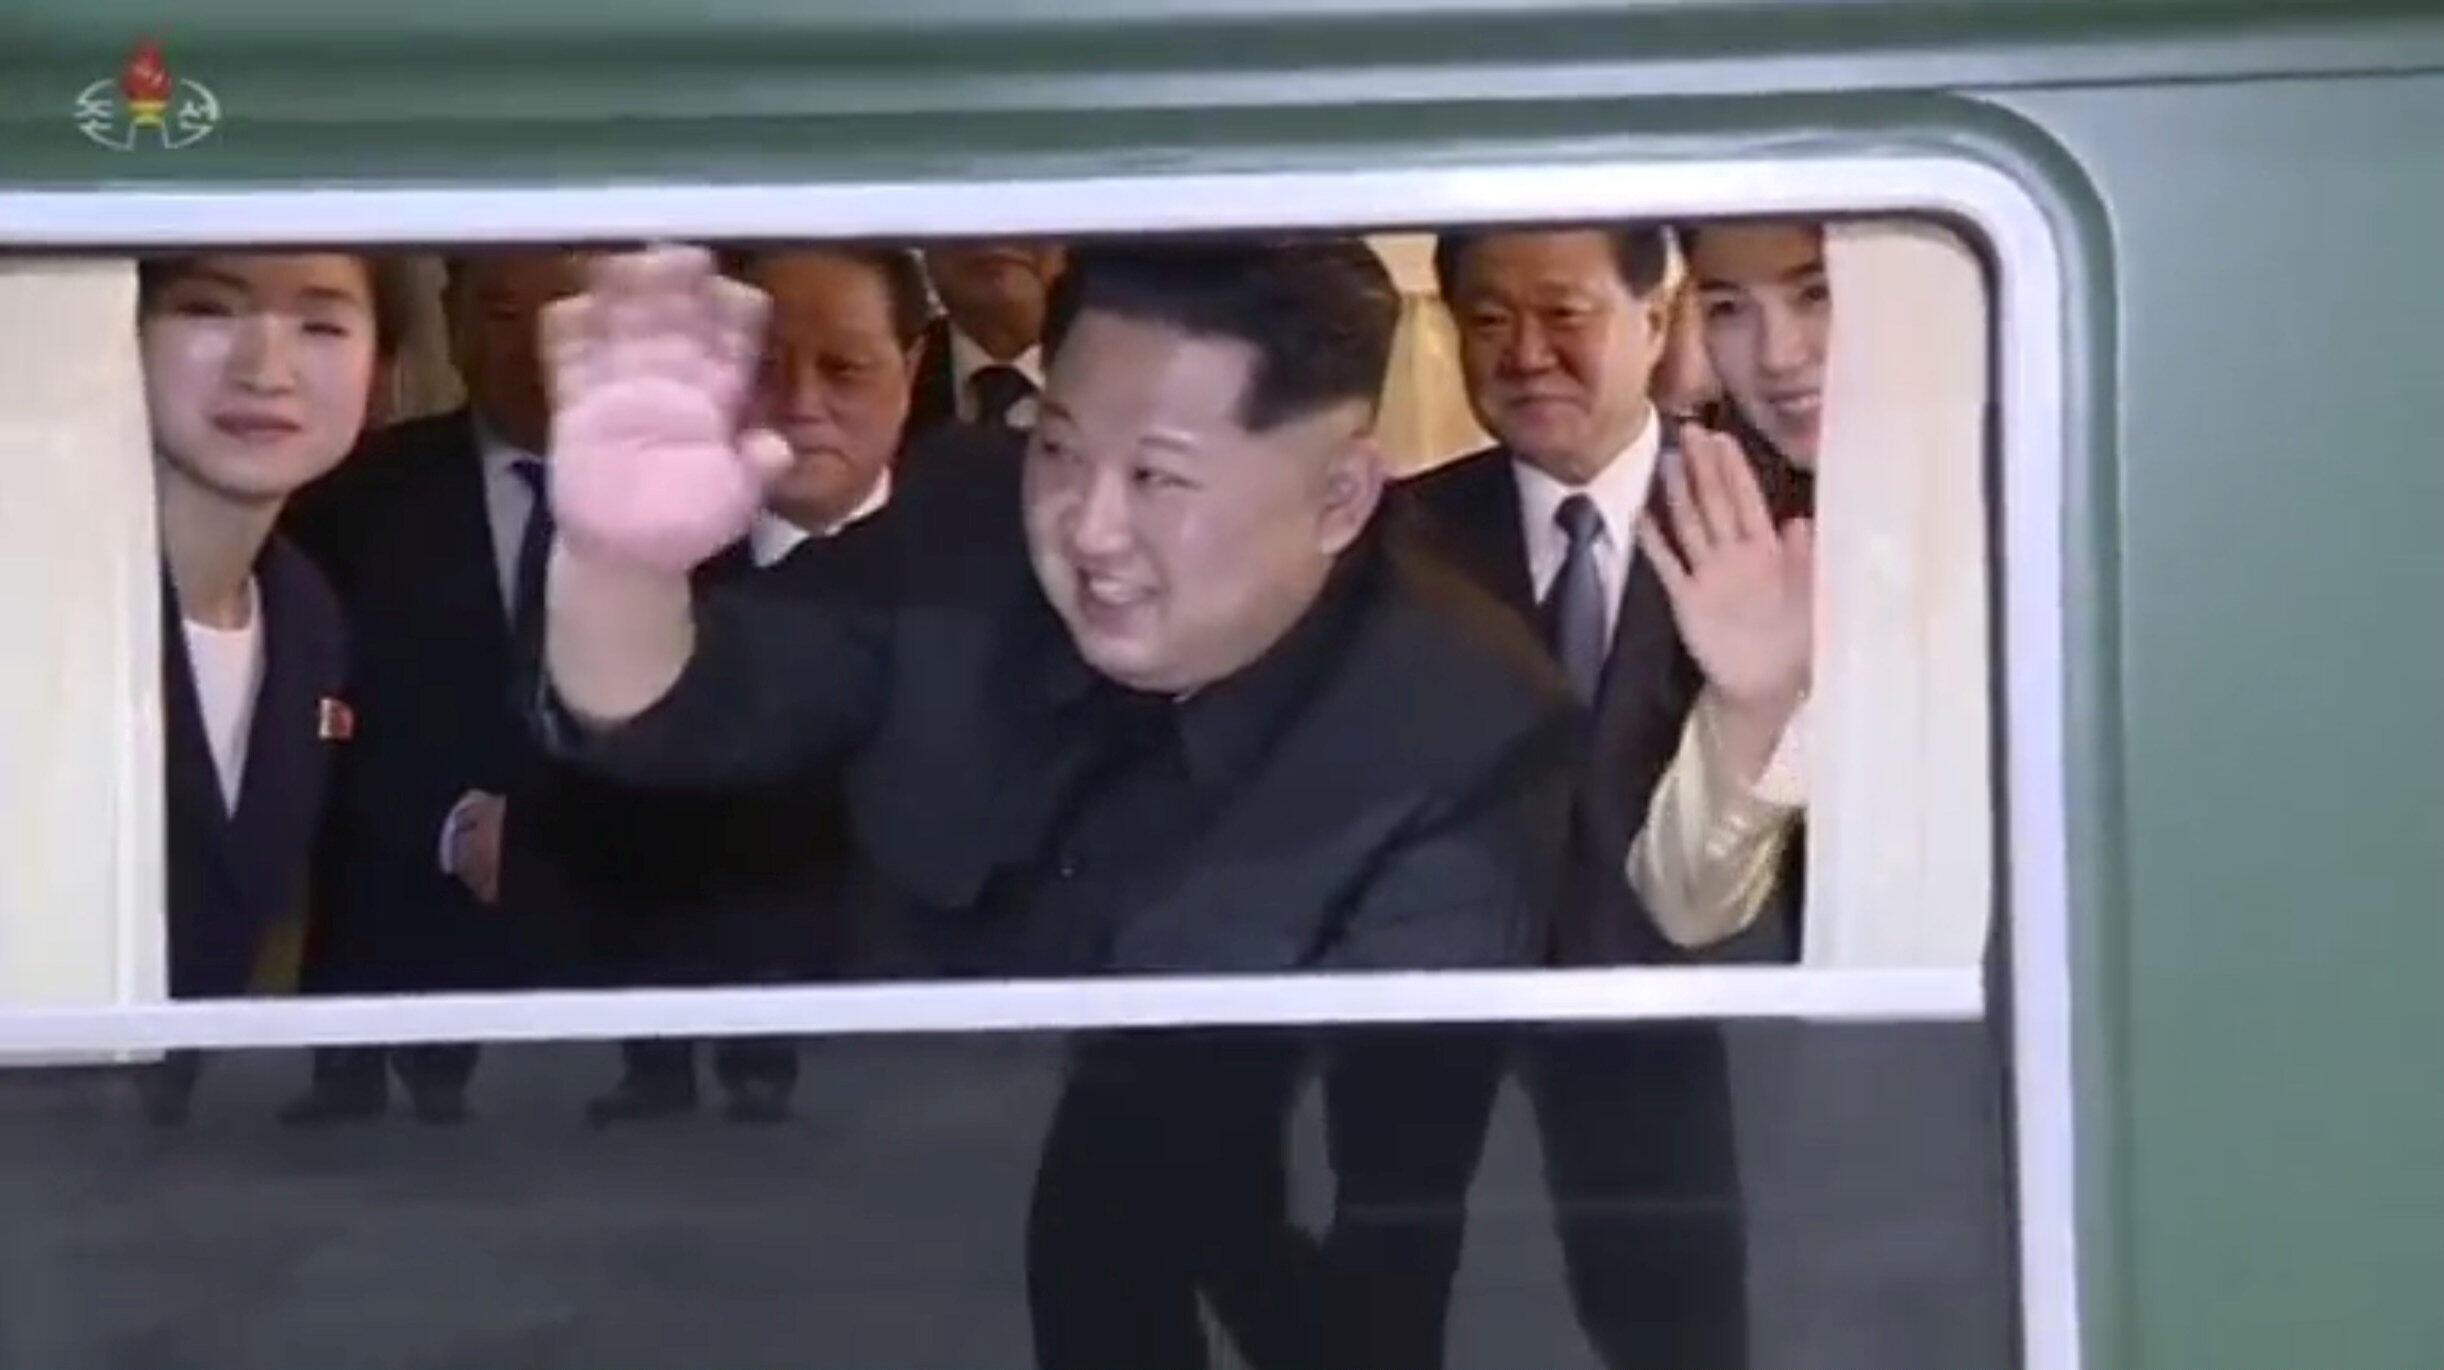 Lãnh đạo Bắc Triều Tiên Kim Jong Un vẫy tay chào khi tàu rời nhà ga Trung Quốc Đan Đông (Dandong). Ảnh do KRT công bố ngày 29/03/2018